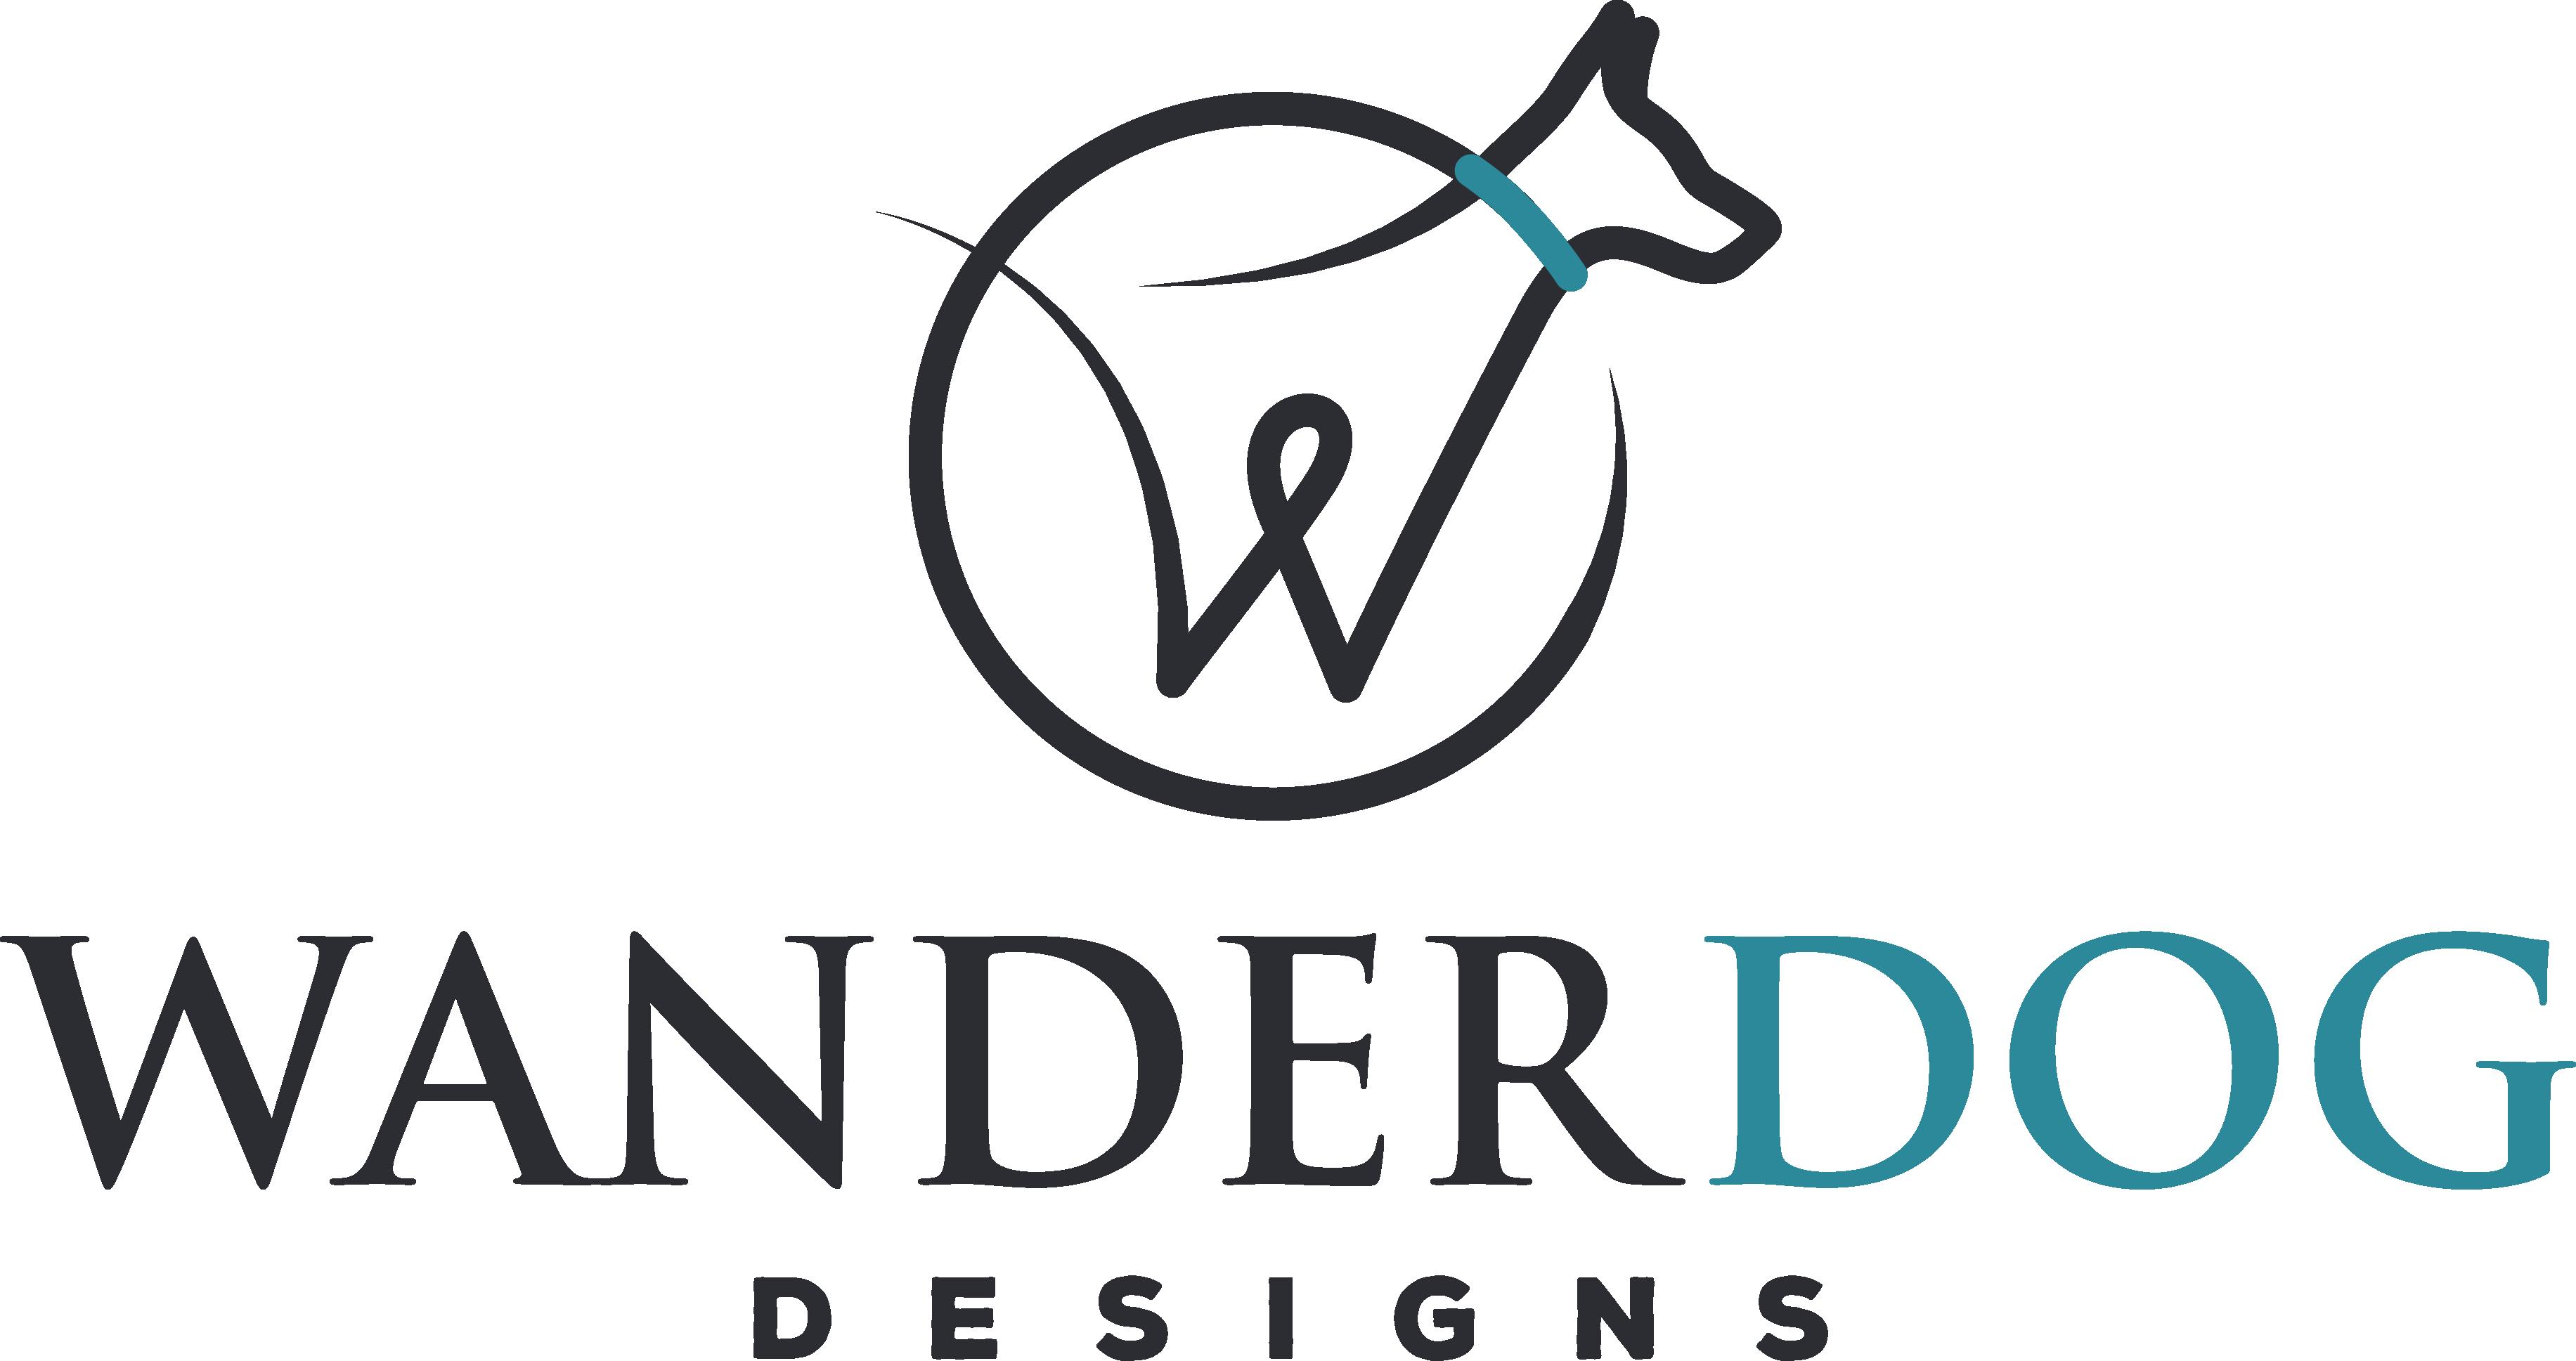 Dog gear company, WanderDog Designs, needs a striking new logo